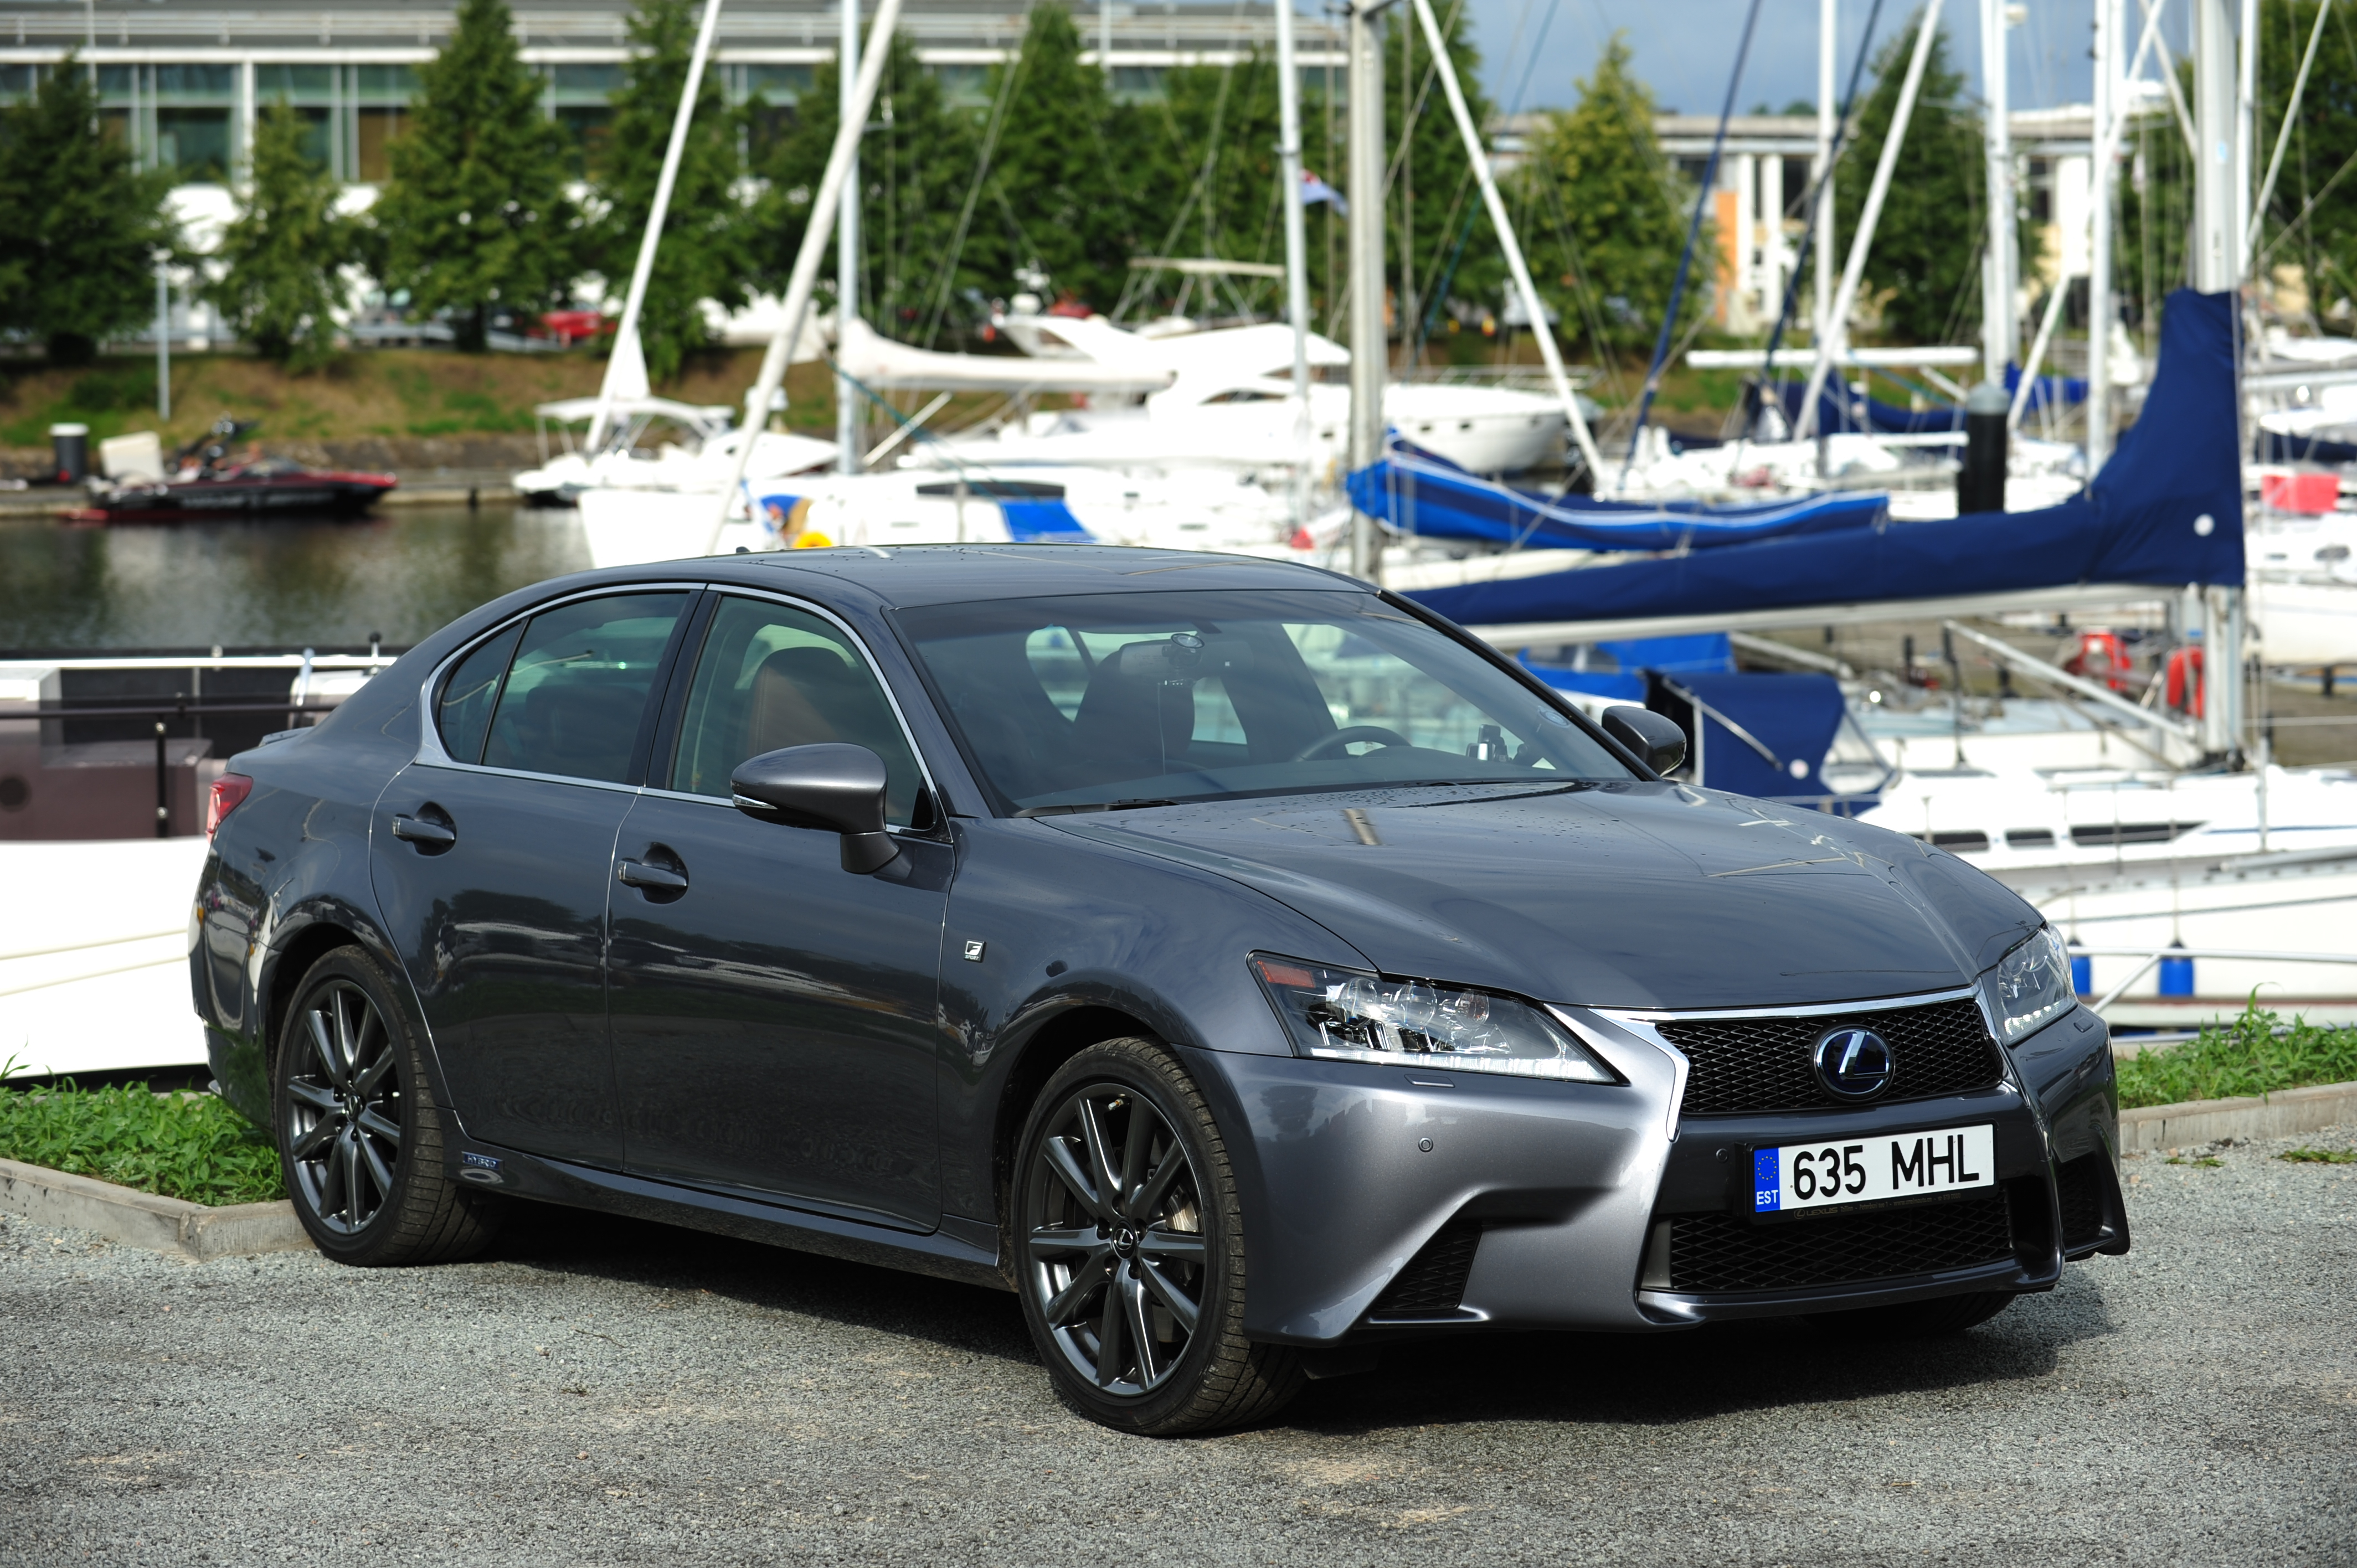 File:Lexus GS450h F-sport 2012 (10033261326).jpg - Wikimedia Commons